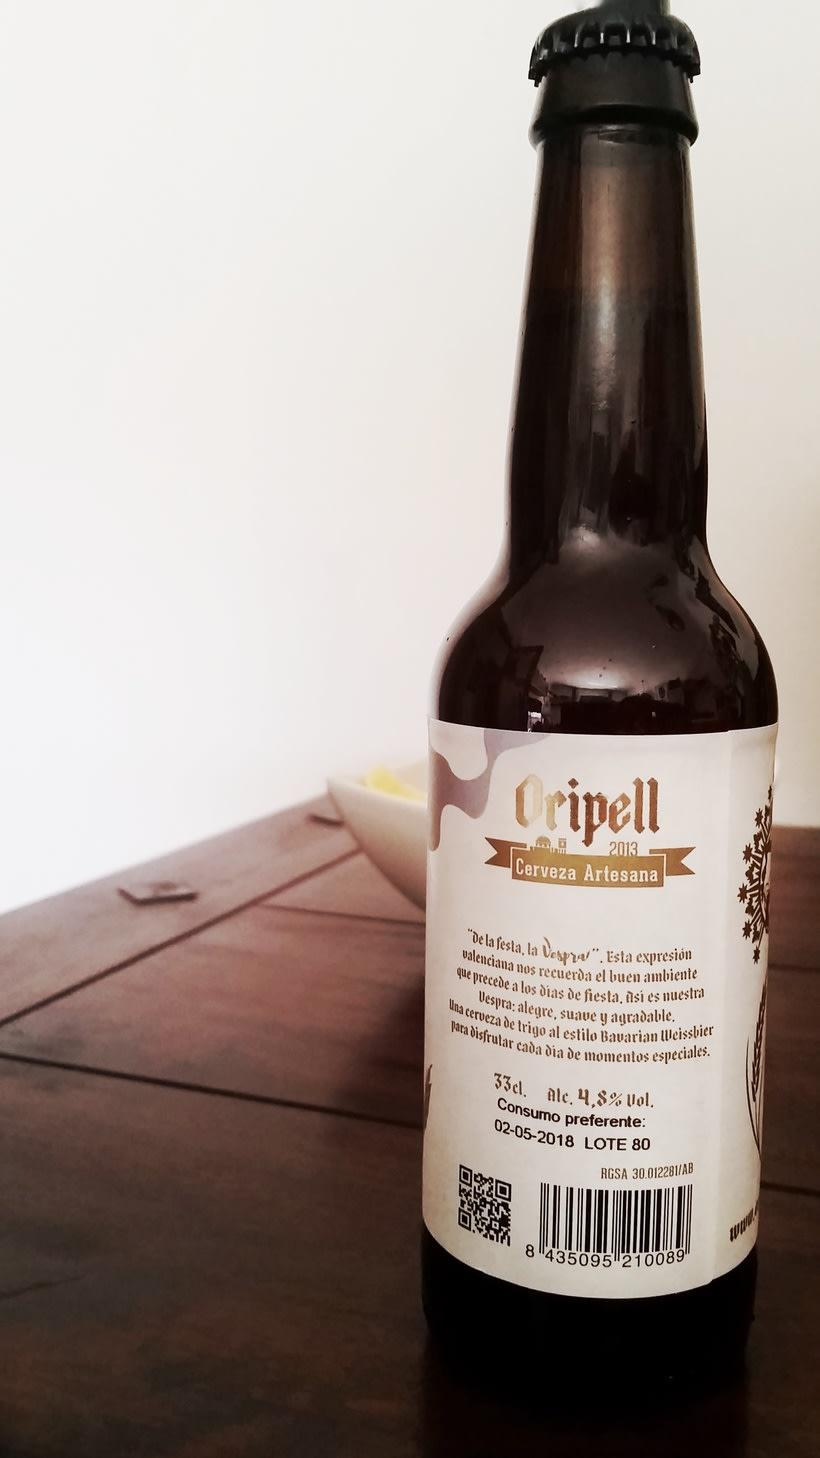 Vespra. Cerveza artesana de trigo. 1